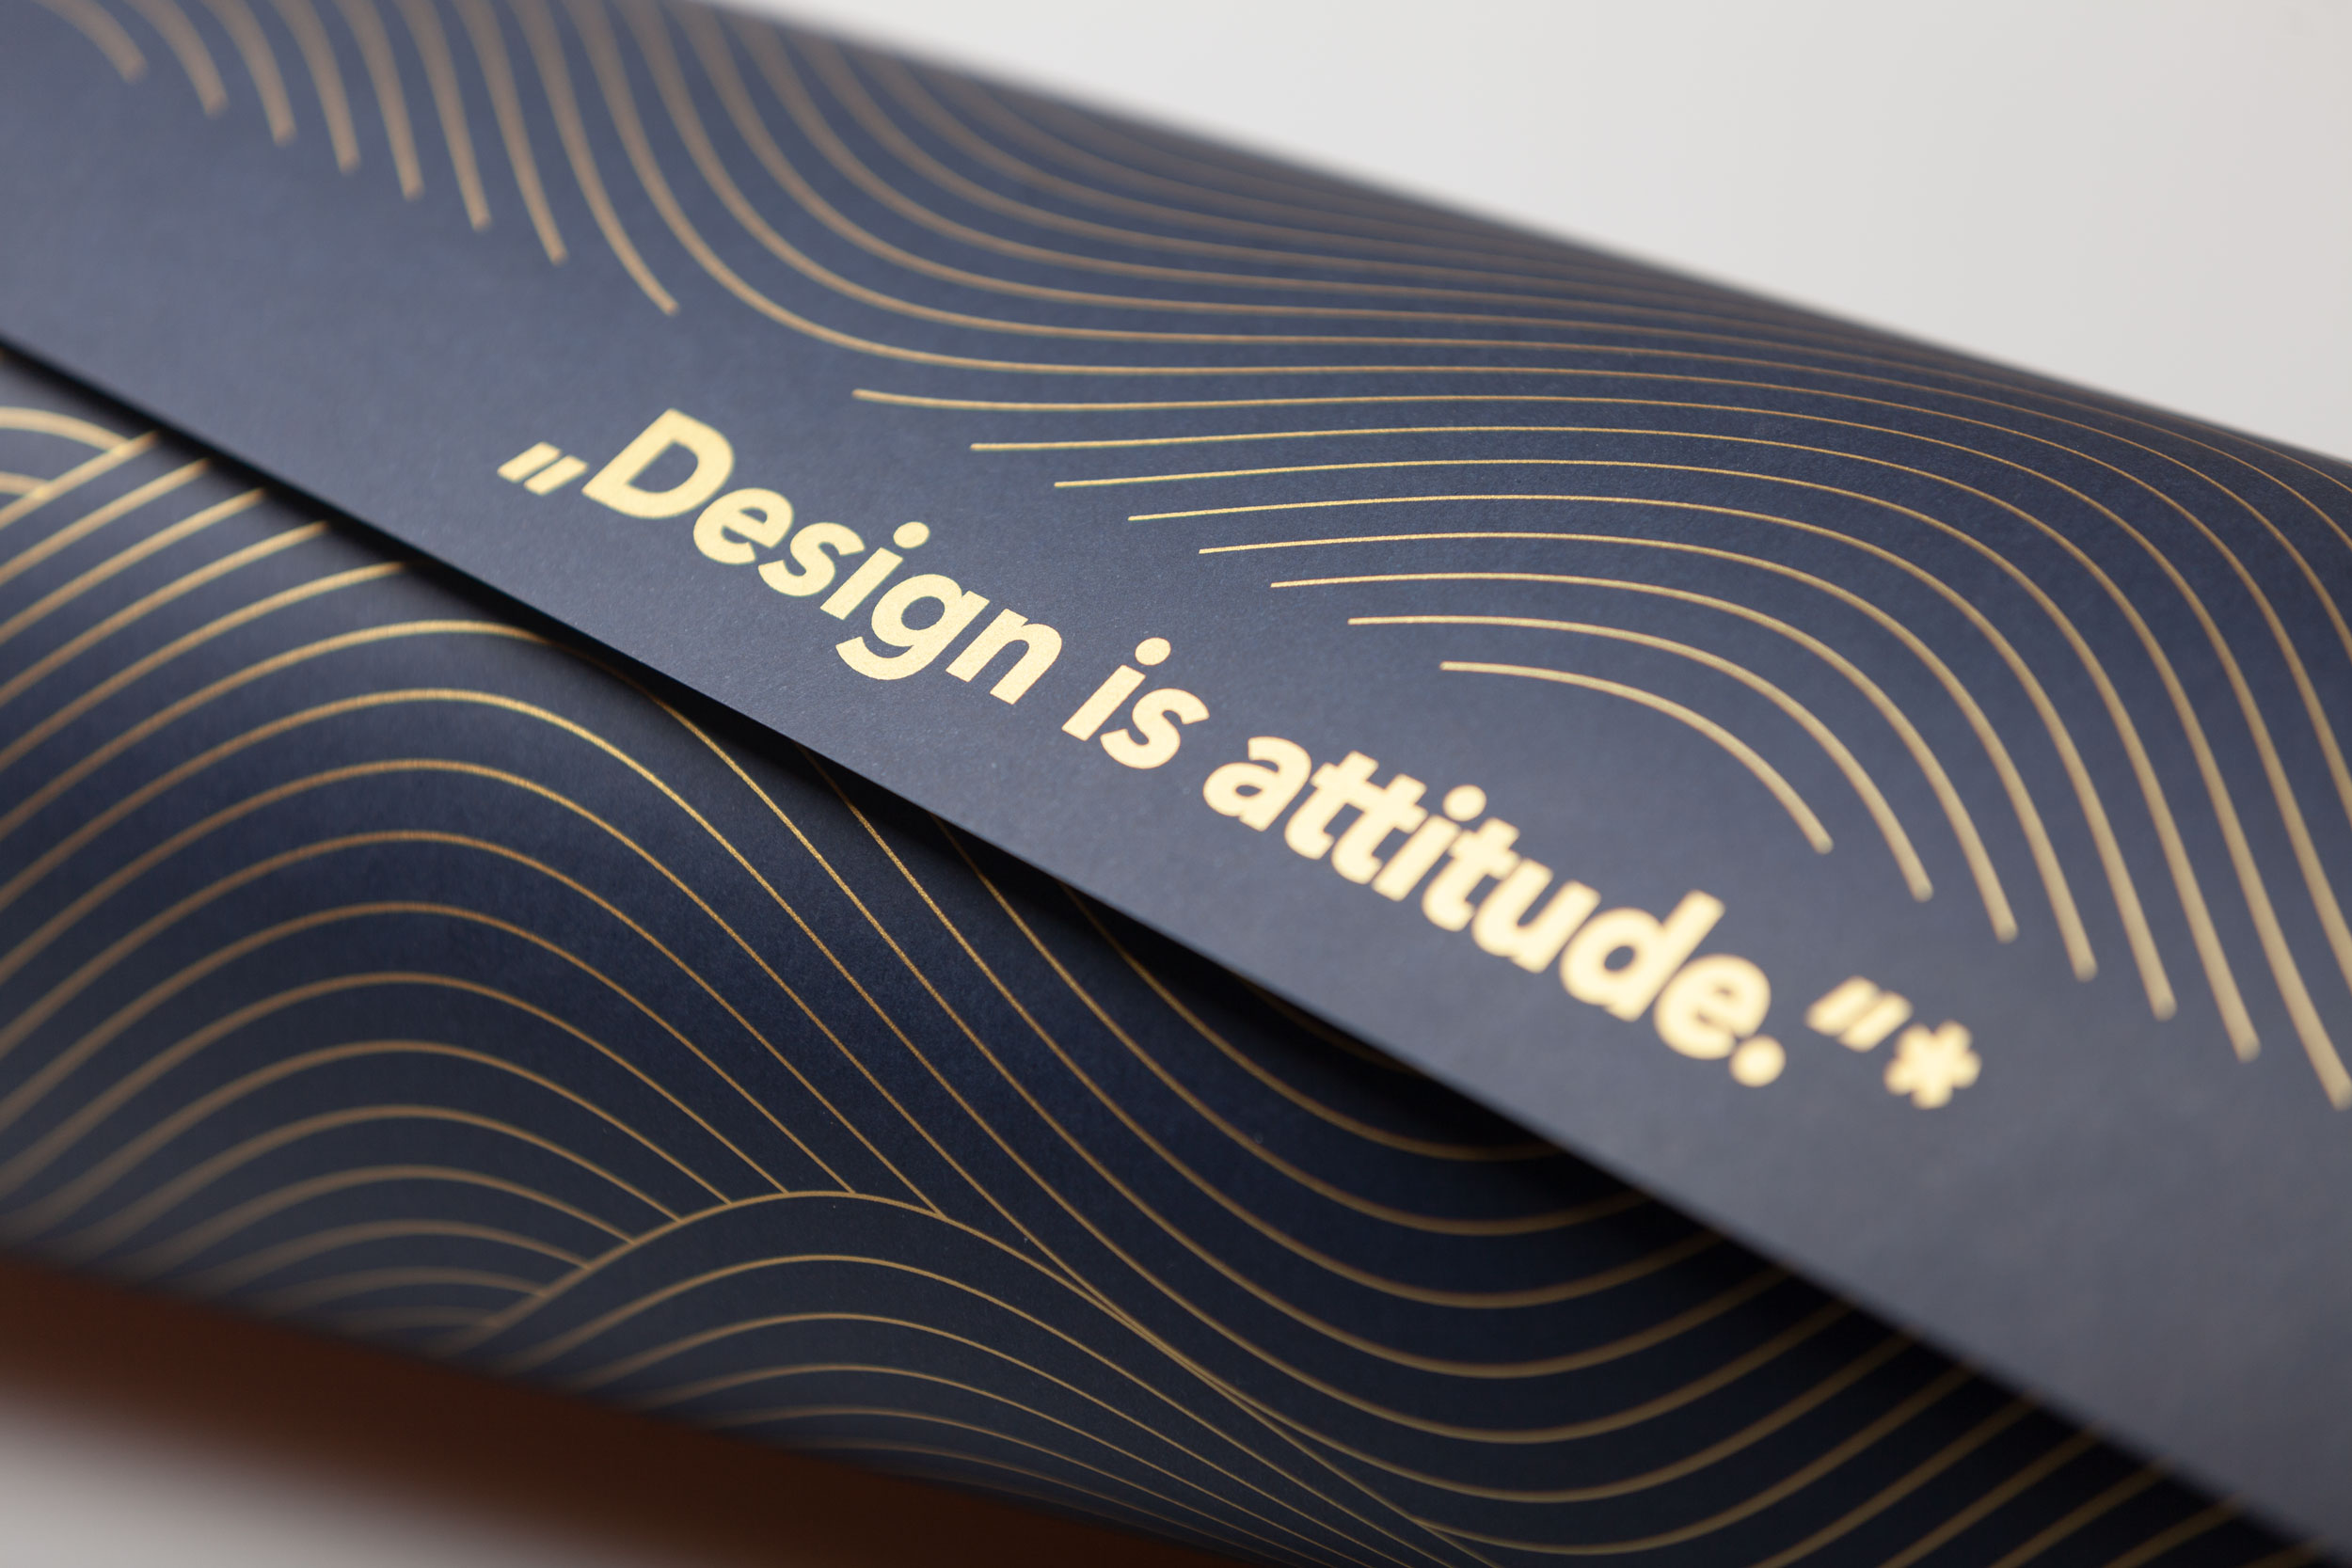 Design is attitude